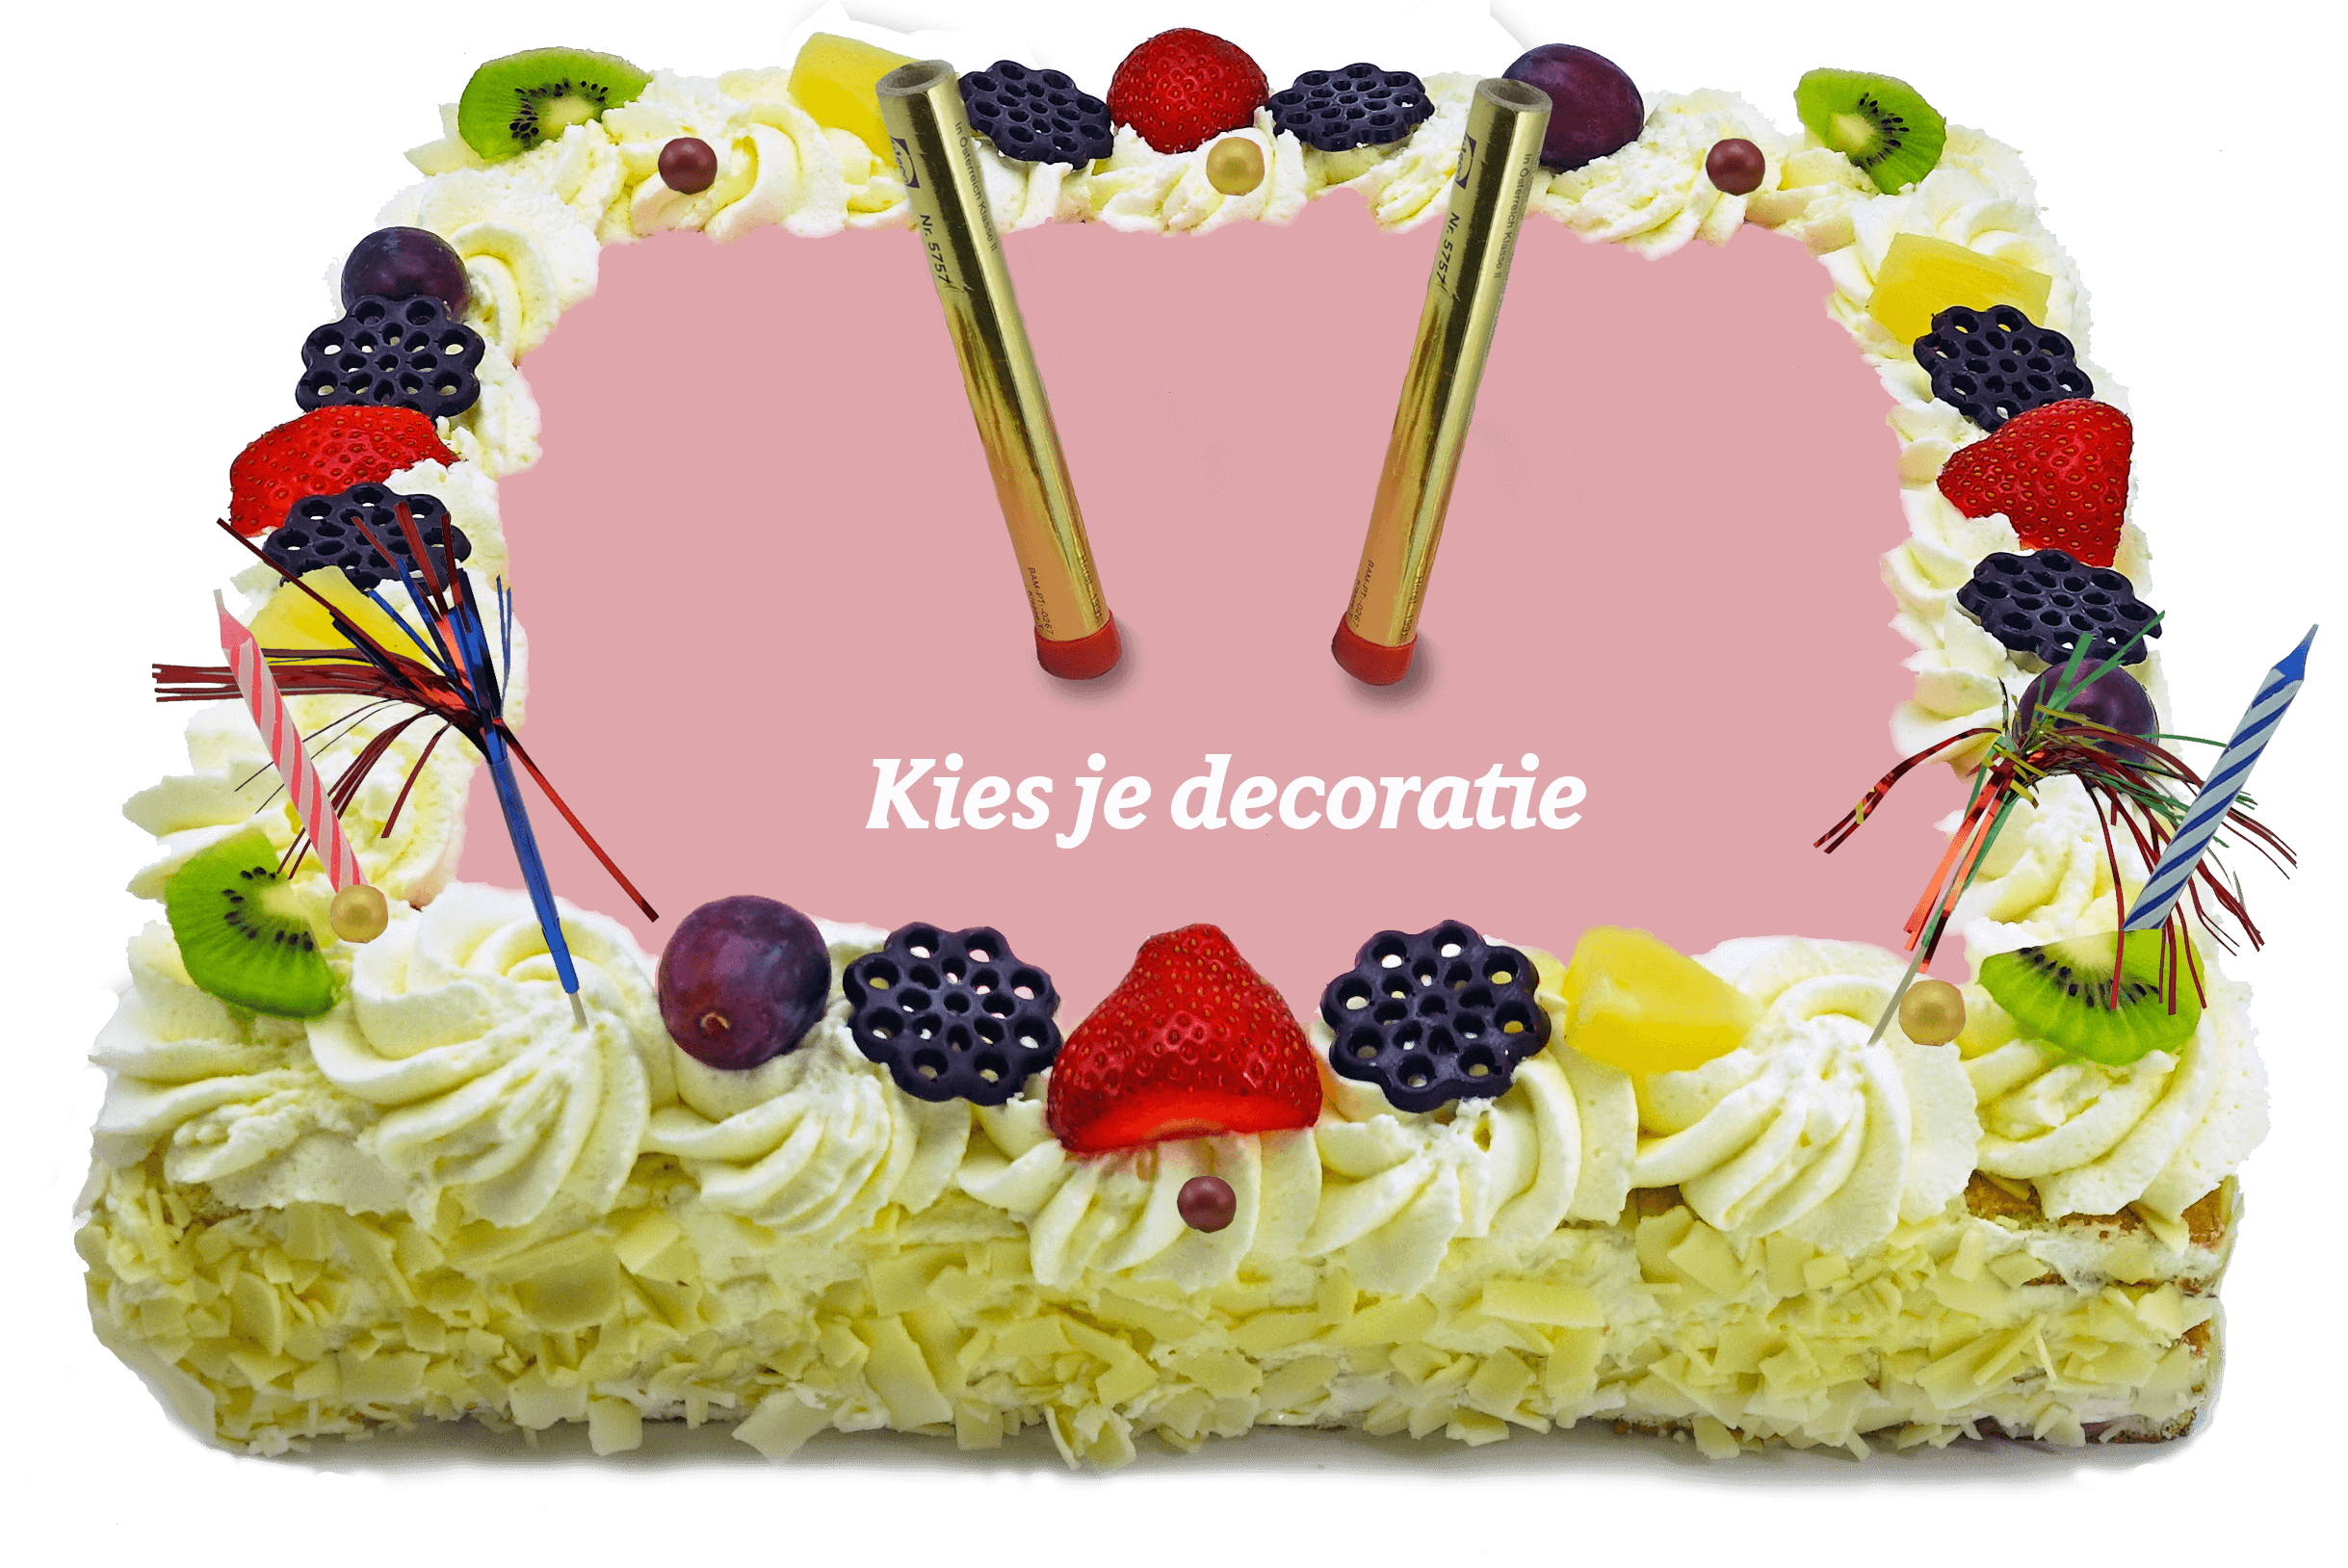 Decoratie taart bakkerij kwakman 4